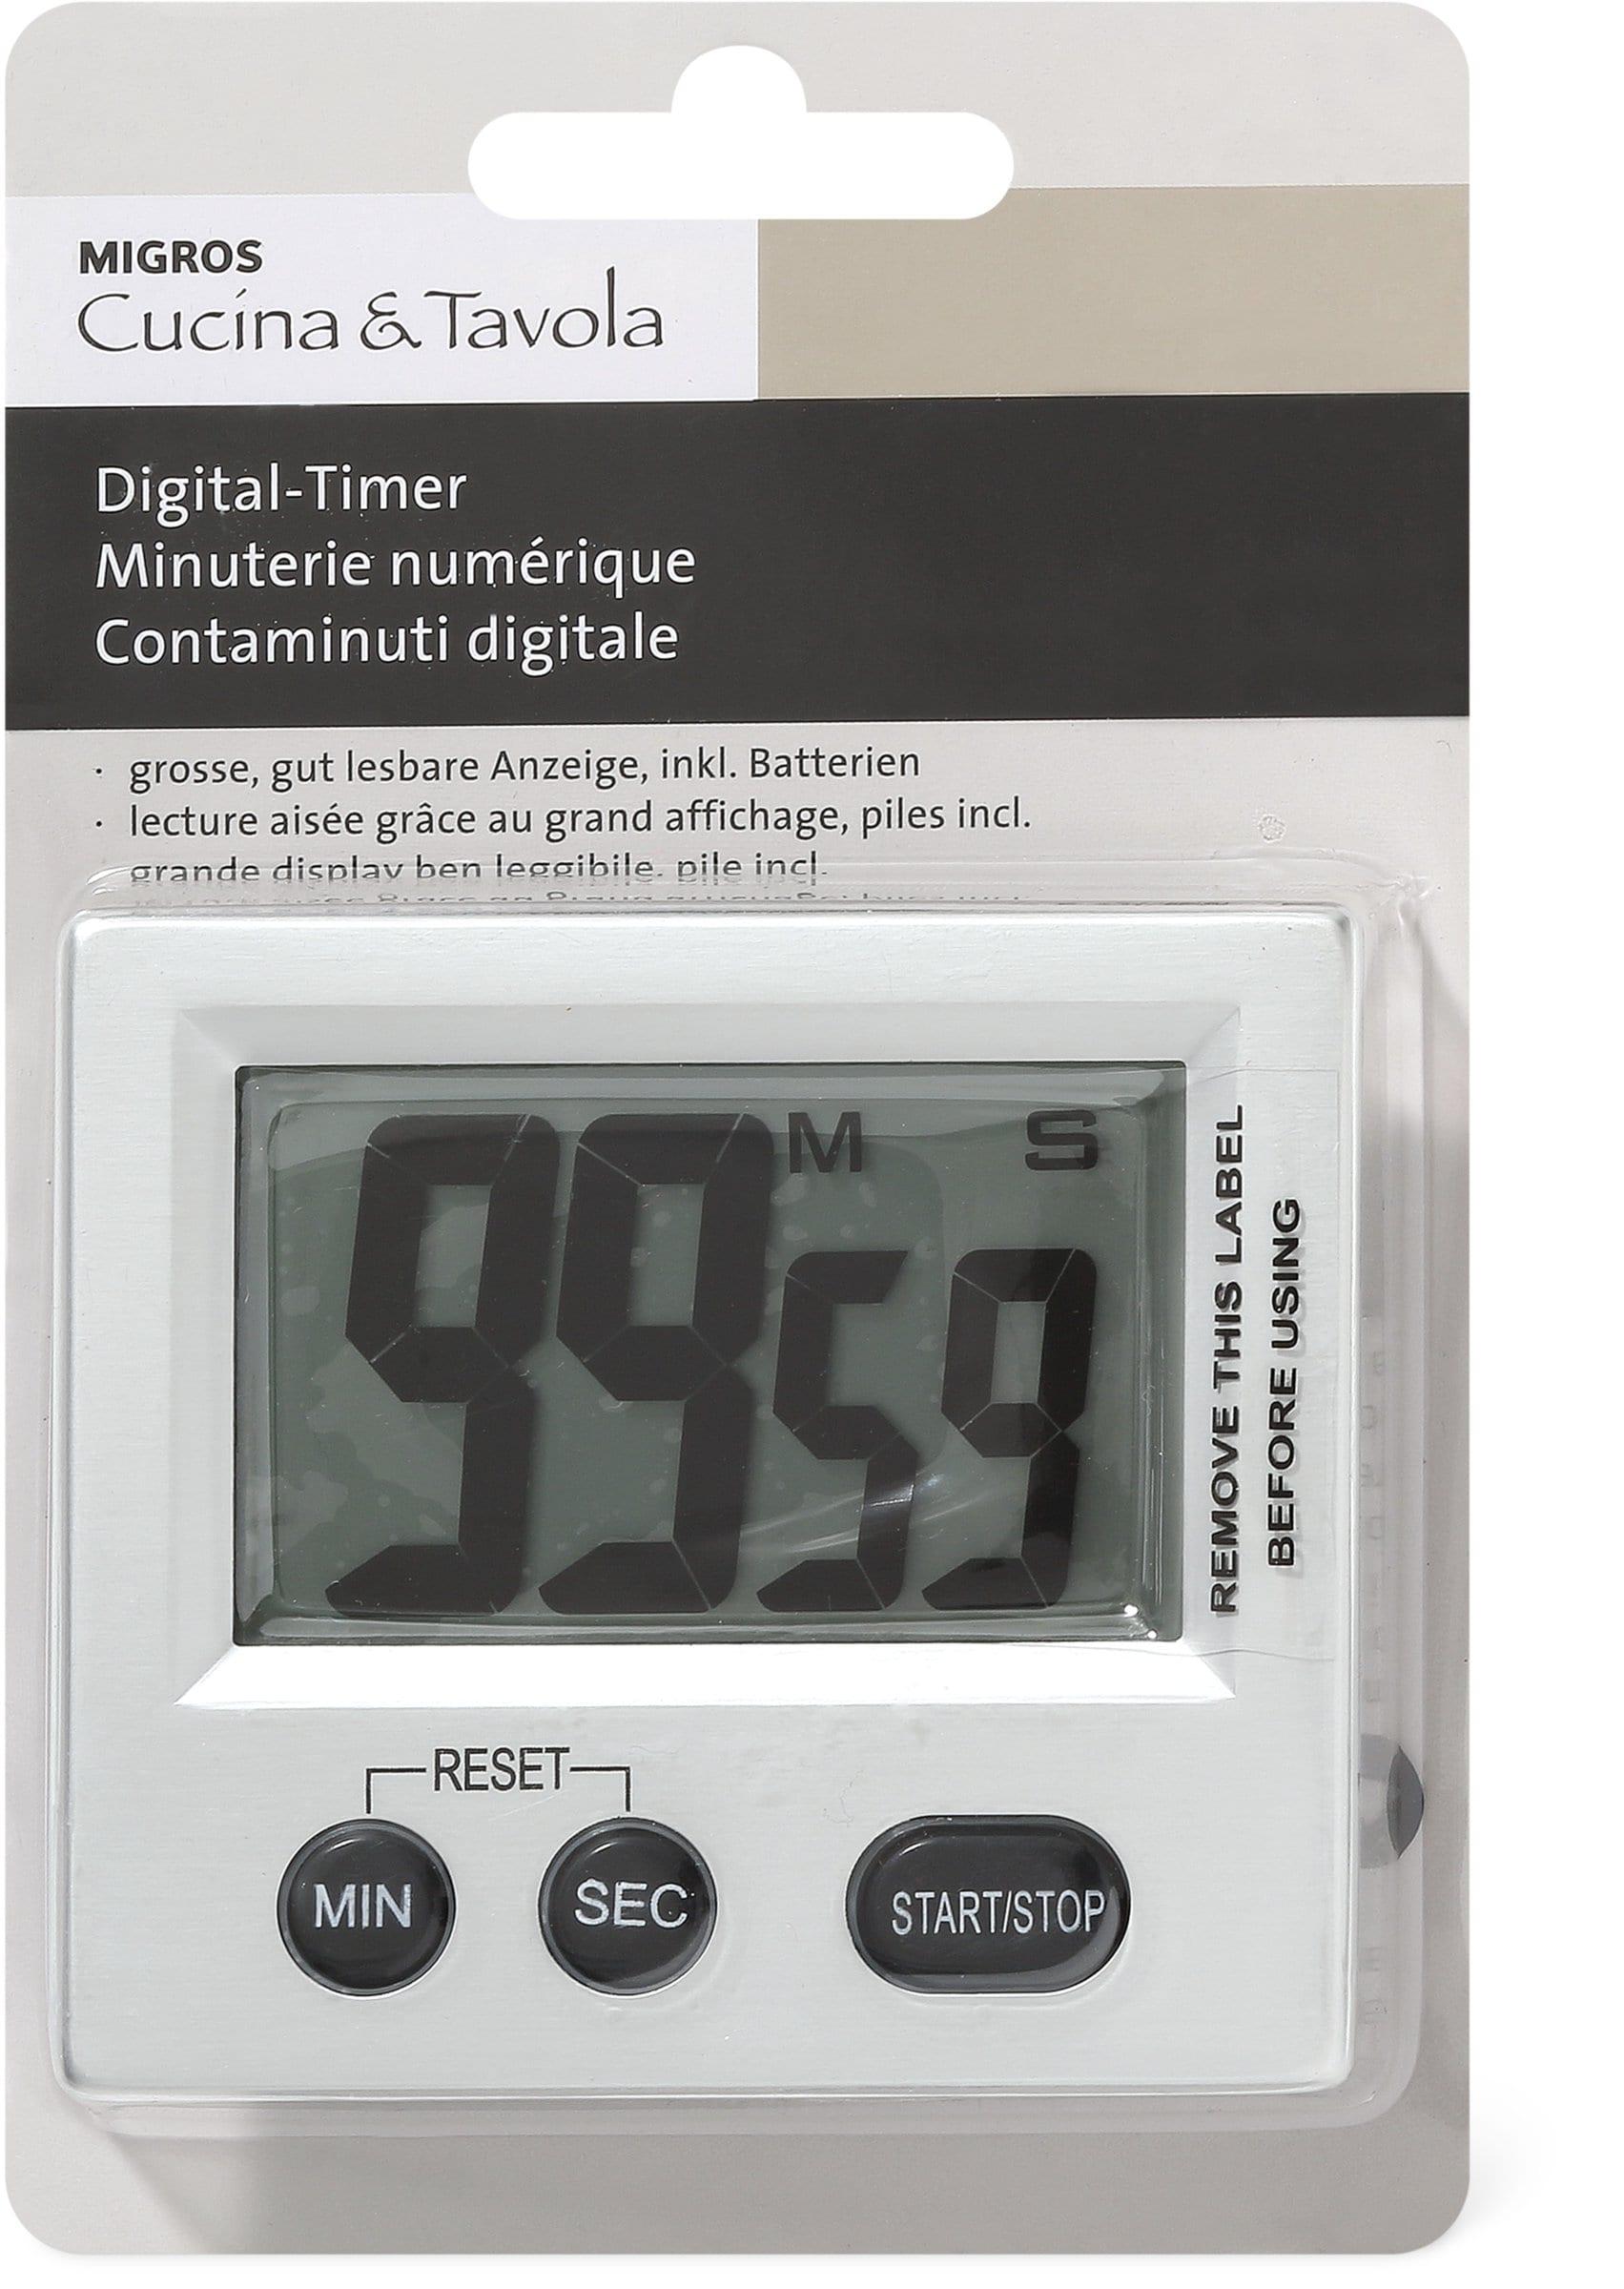 Cucina & Tavola Digital-Timer